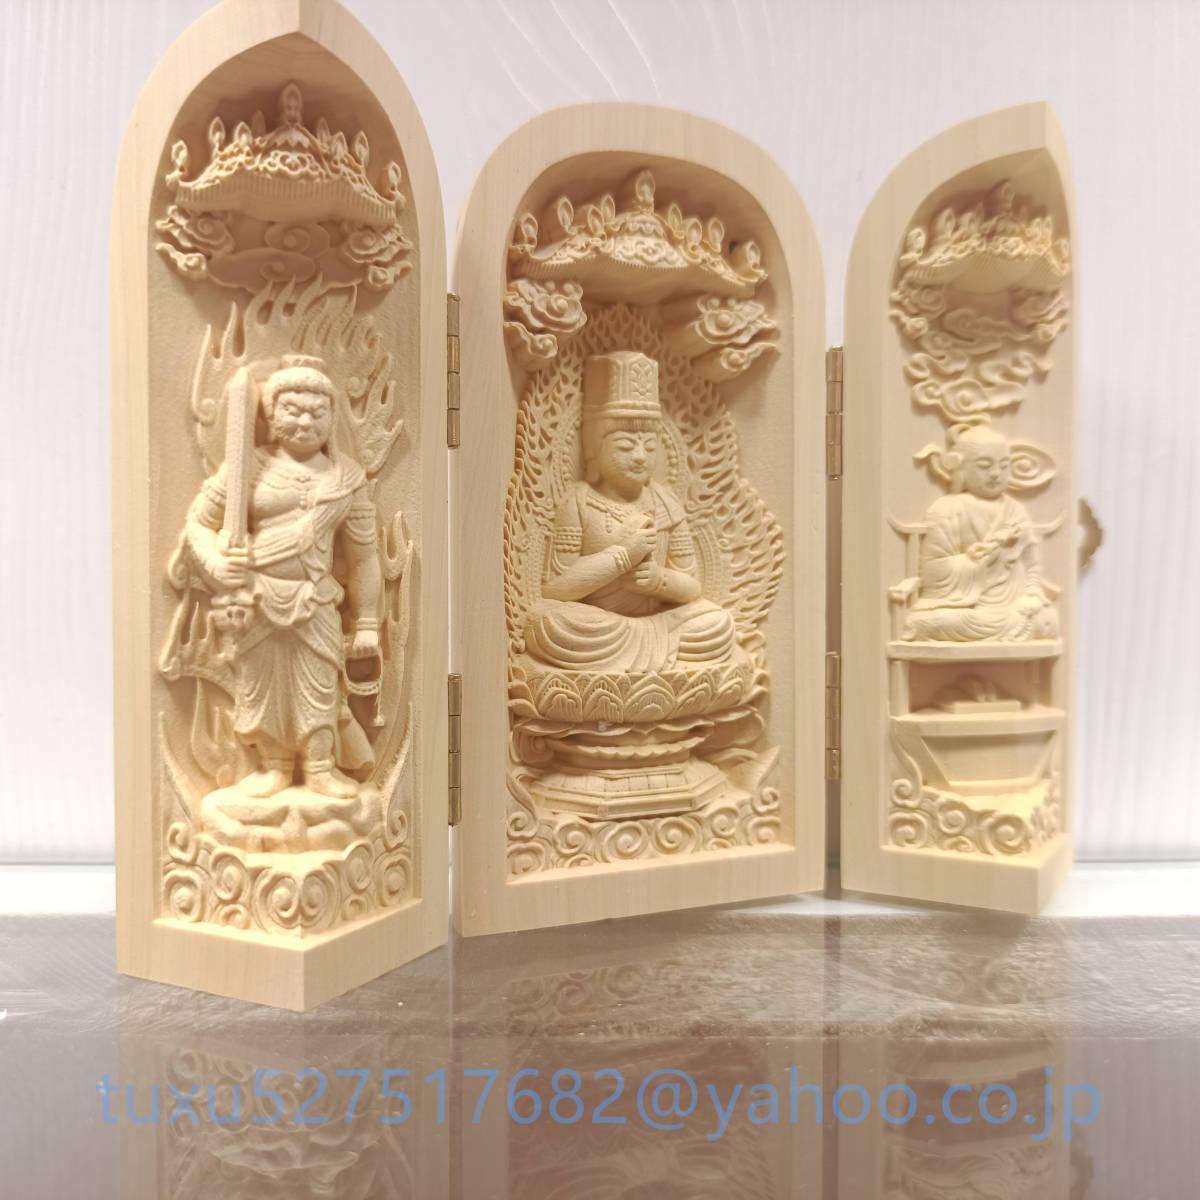 三開仏 木彫仏像 精密彫刻 真言宗三尊 大日如来 弘法大師 不動明王_画像2